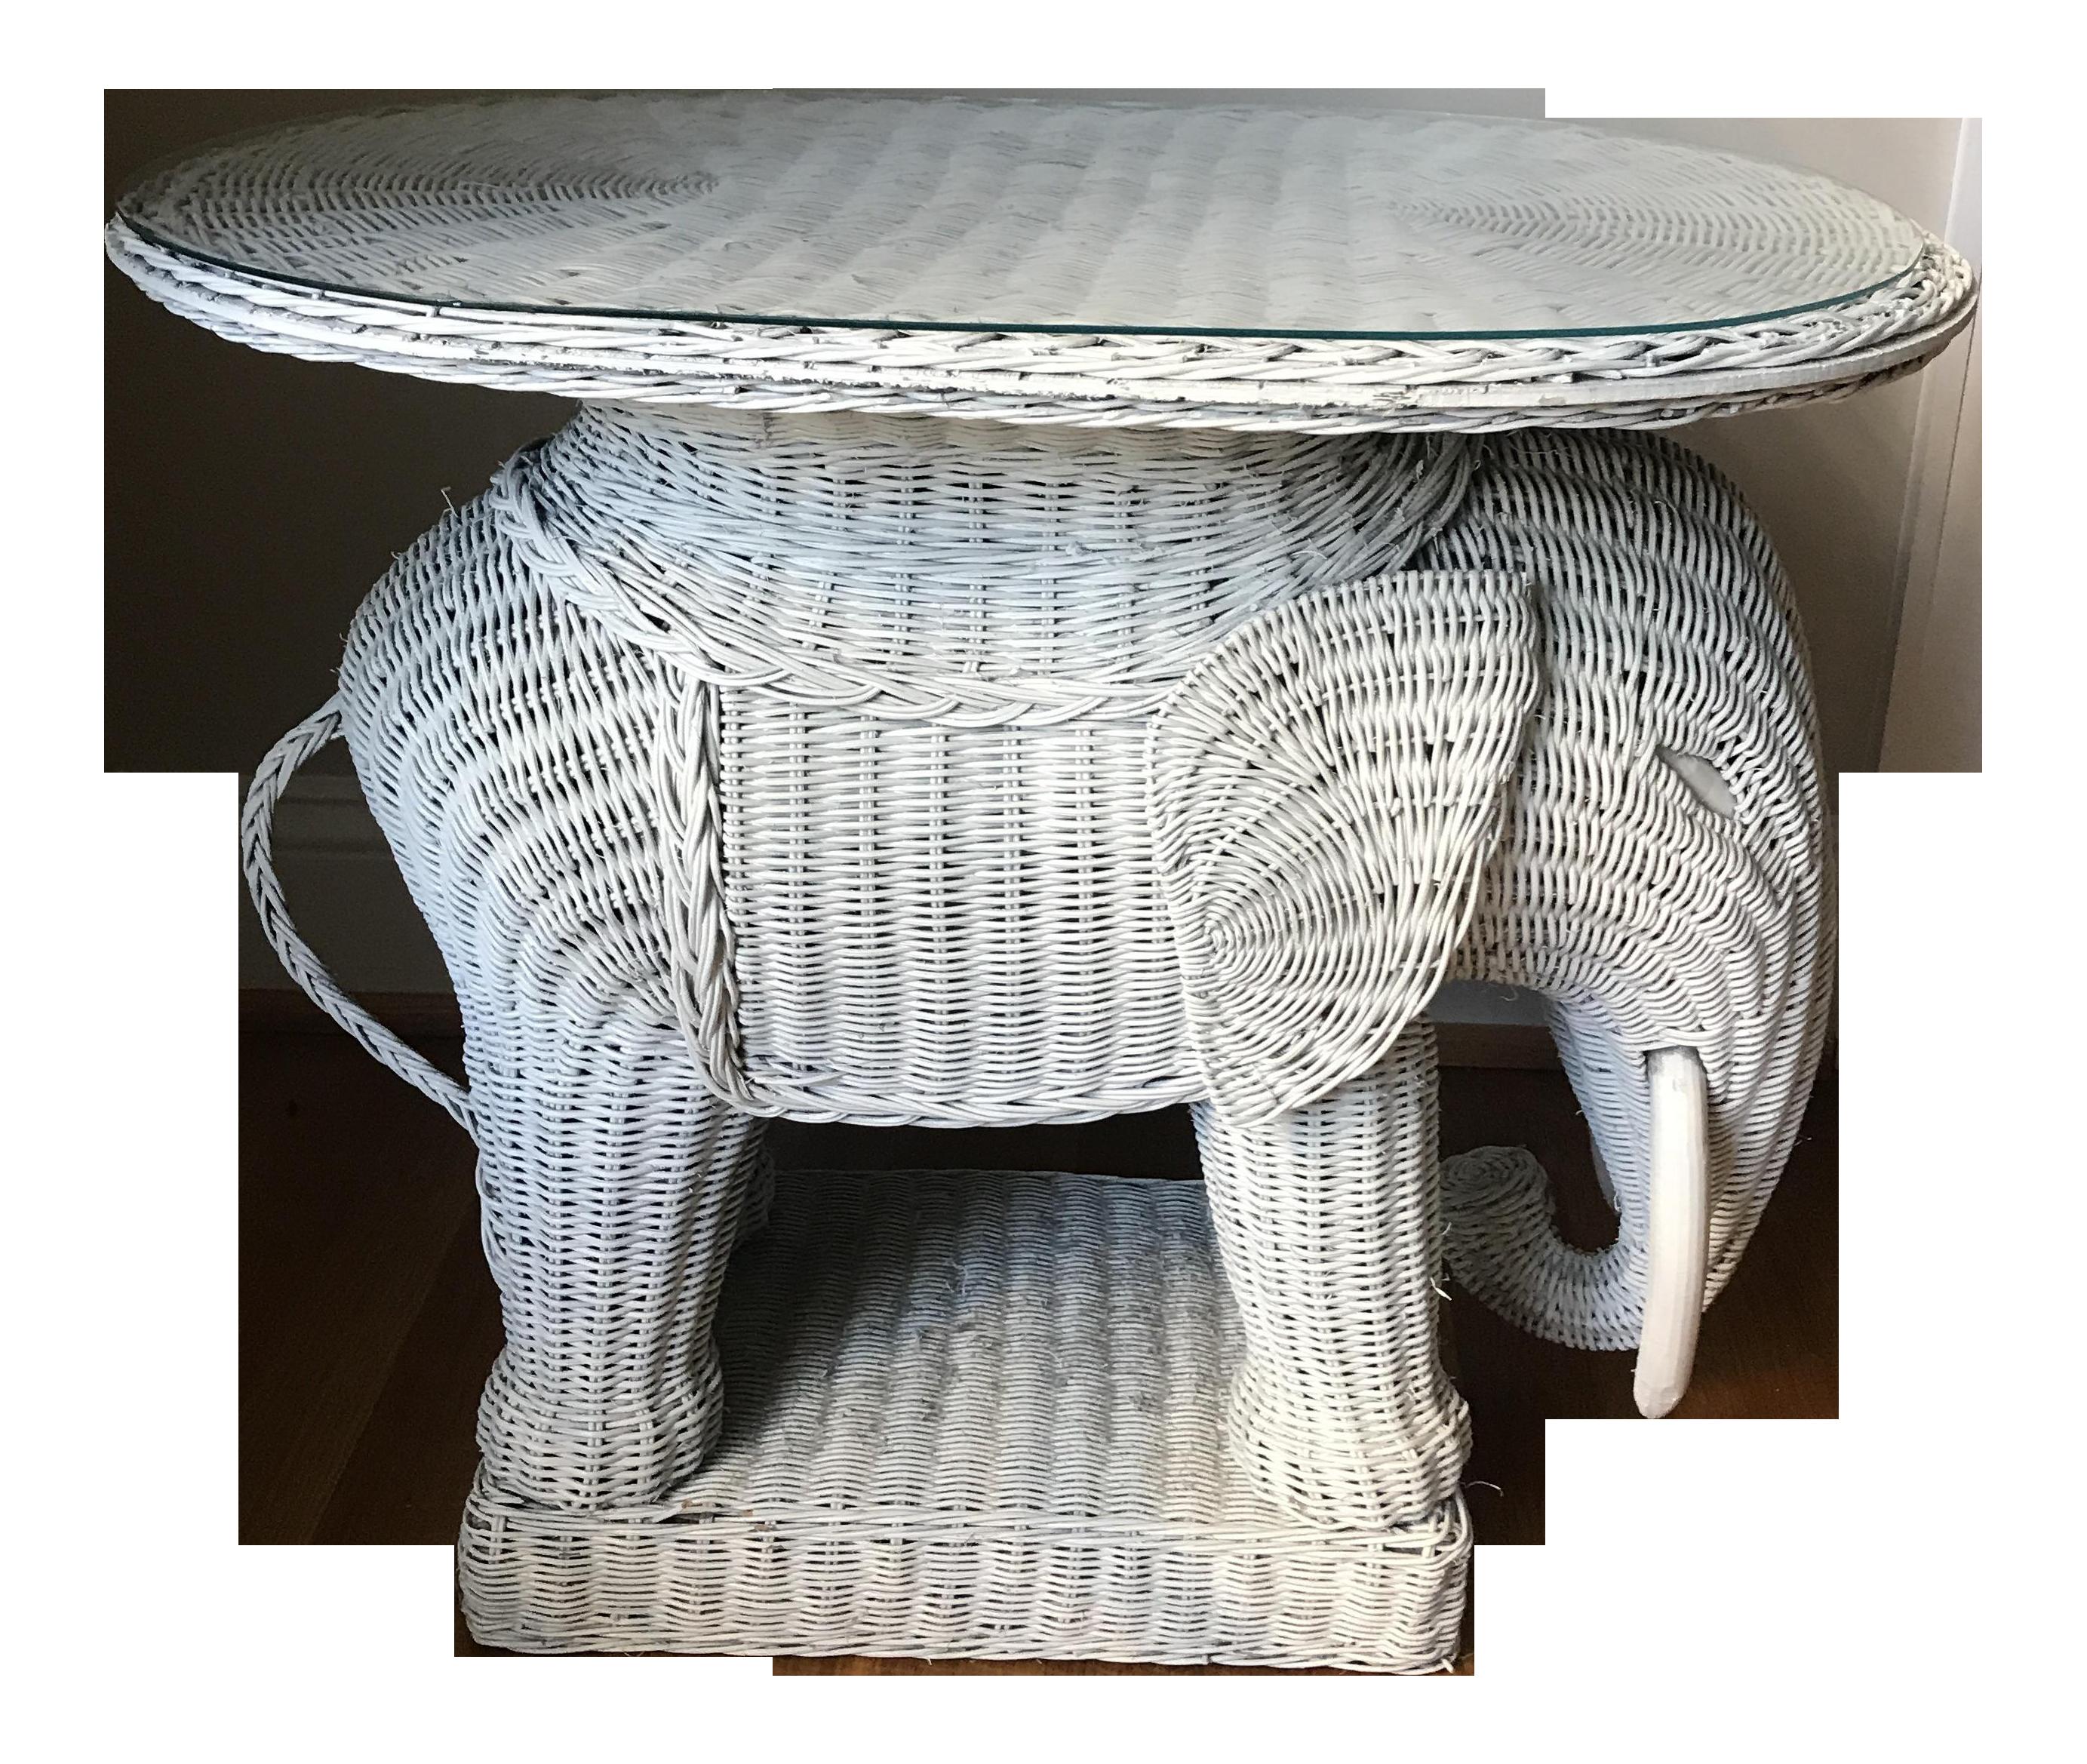 Great Vintage Wicker Elephant Side Table